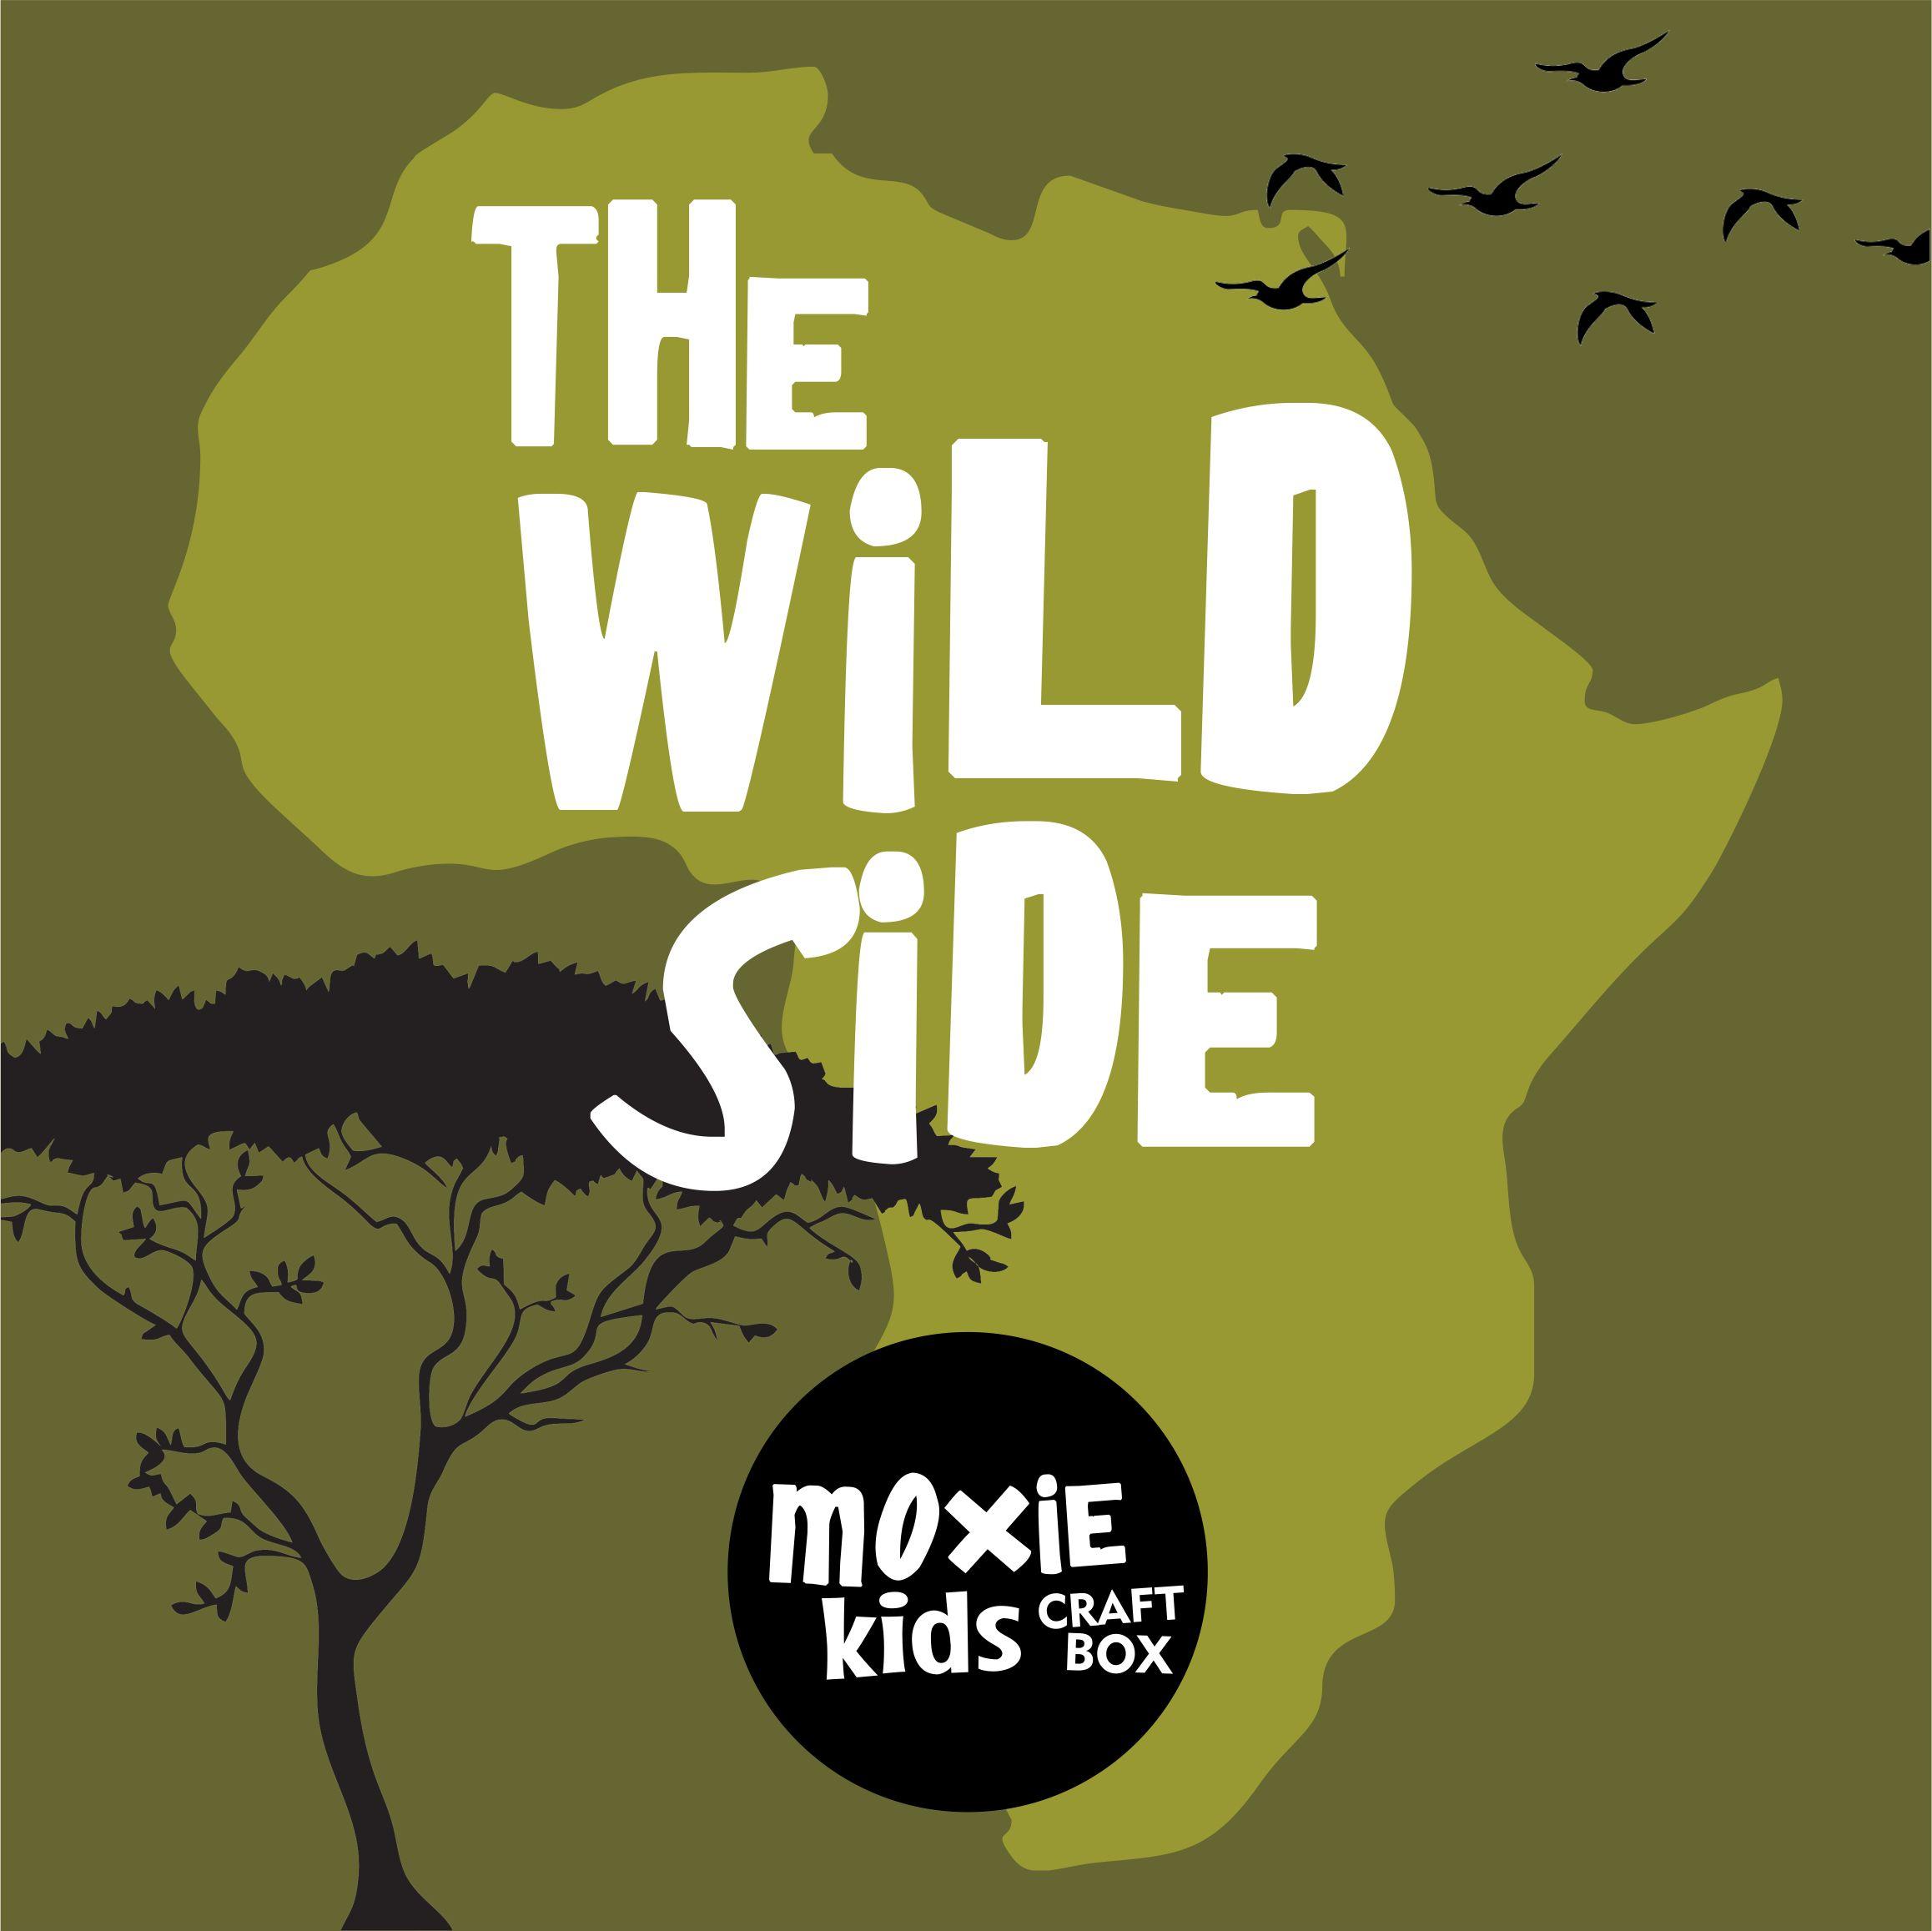 http://www.moxiekids.co.za/wp-content/uploads/2019/11/Moxie-Kids-IG-282.jpg